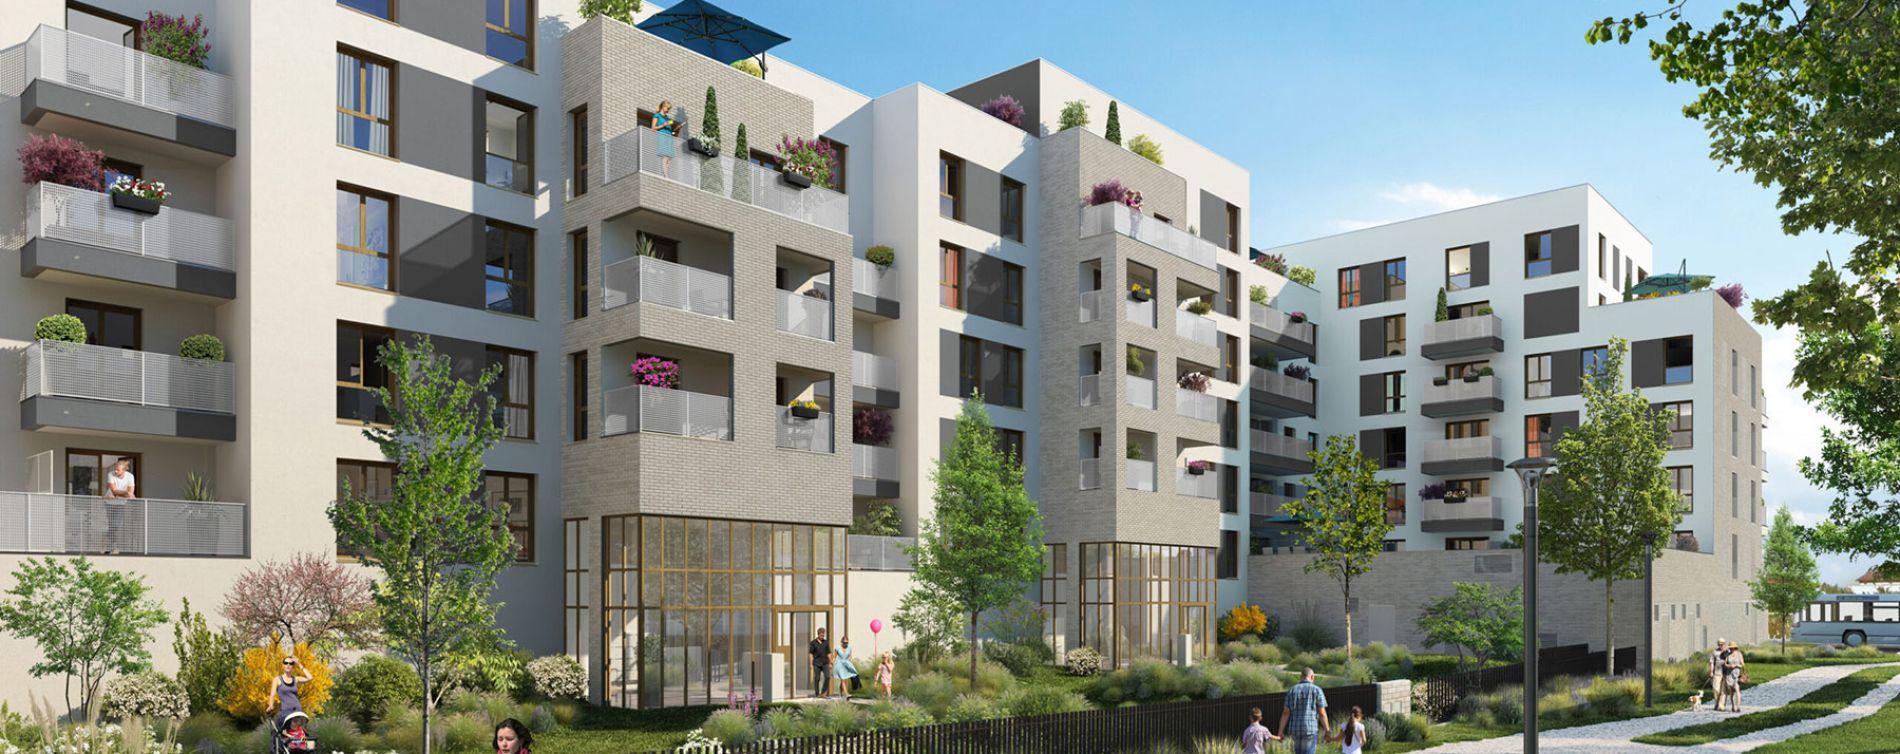 Bussy-Saint-Georges : programme immobilier neuve « Programme immobilier n°218733 » en Loi Pinel (2)